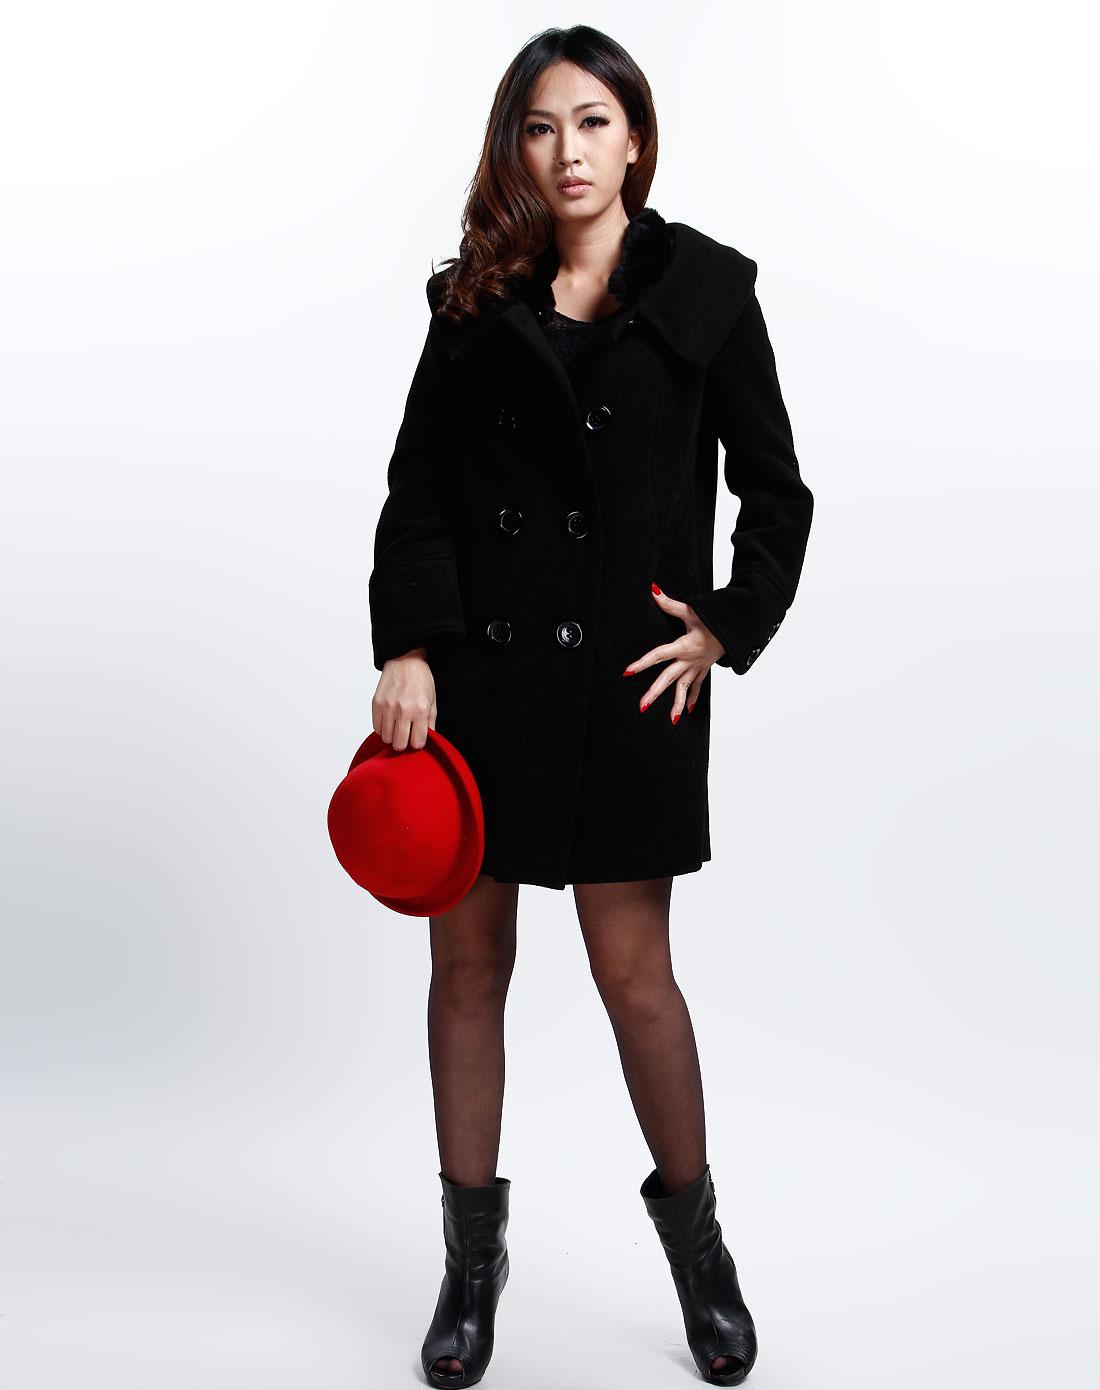 可姿.伊cocci女装专场-黑色时尚长袖大衣